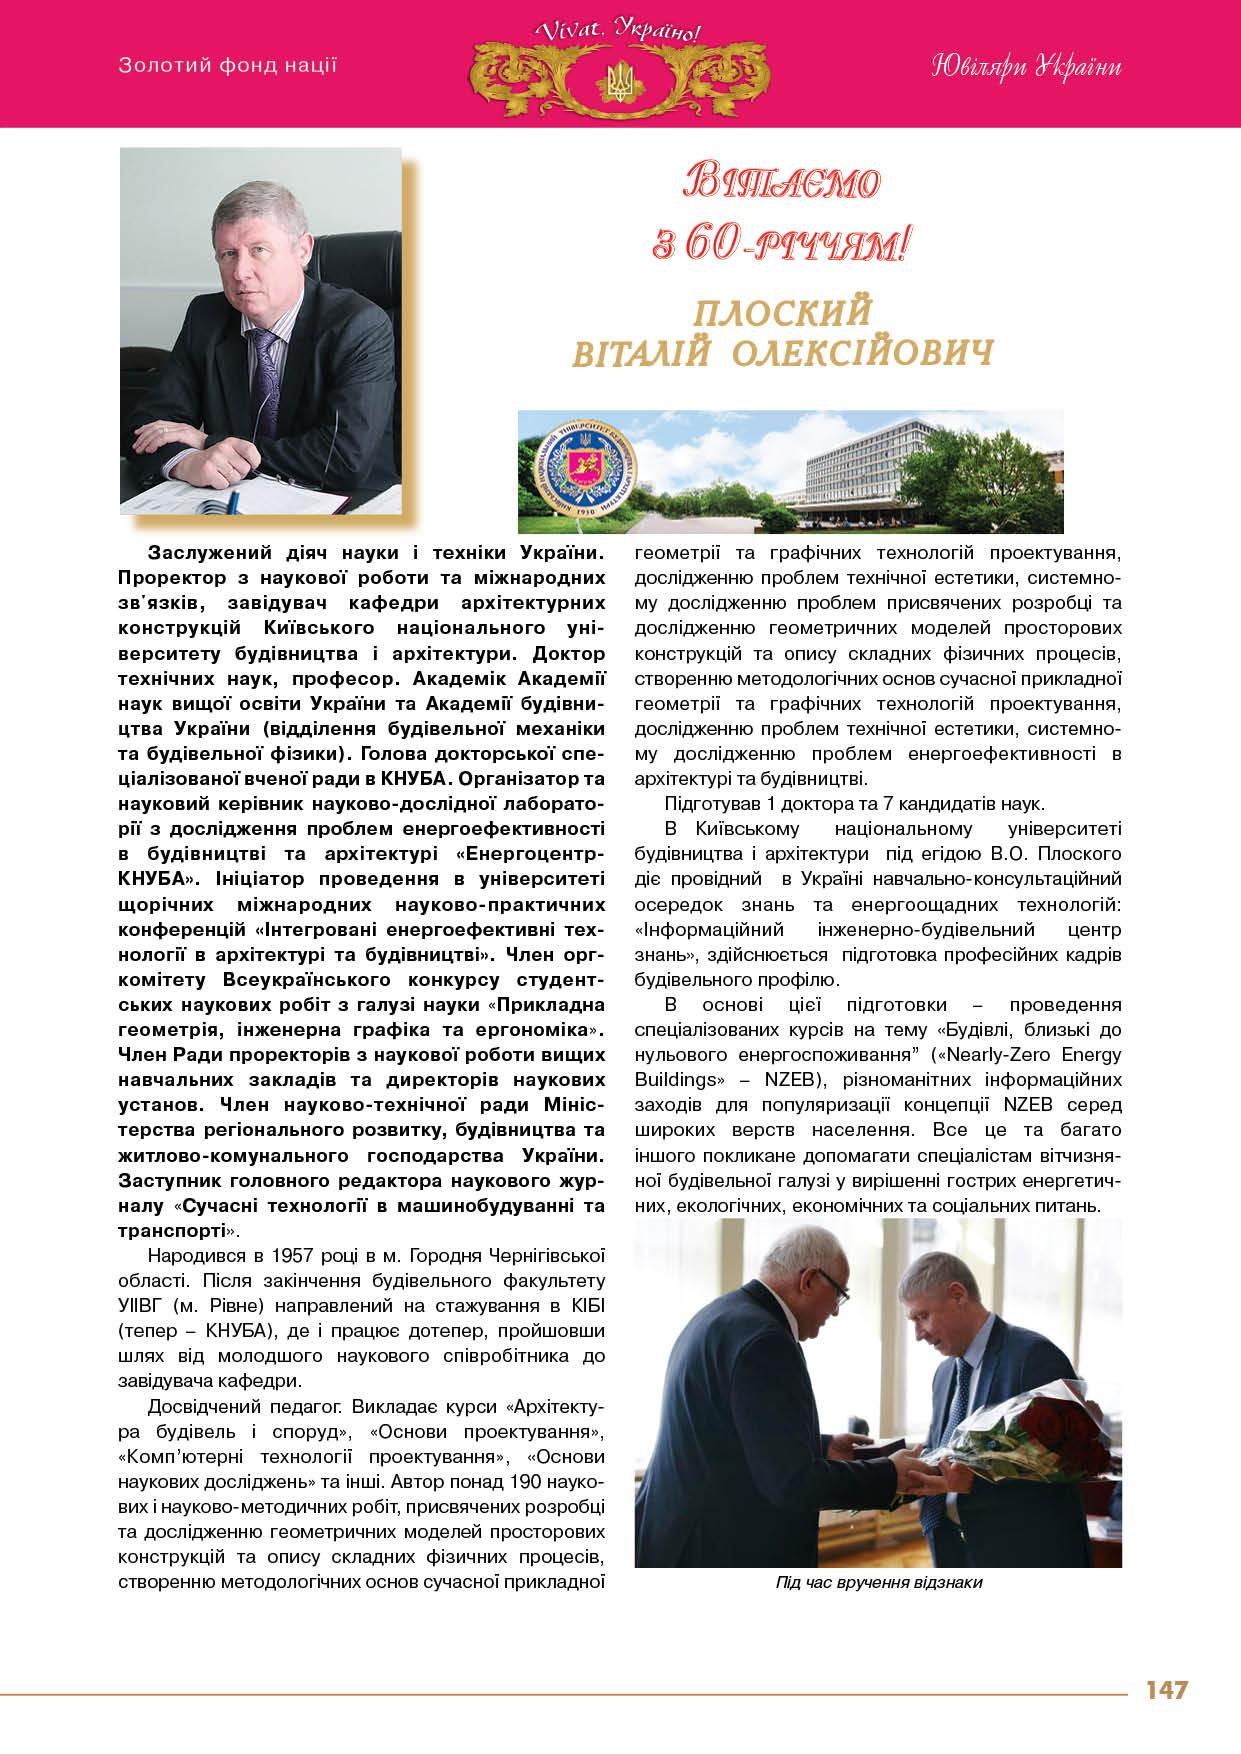 Плоский Віталій Олексійович